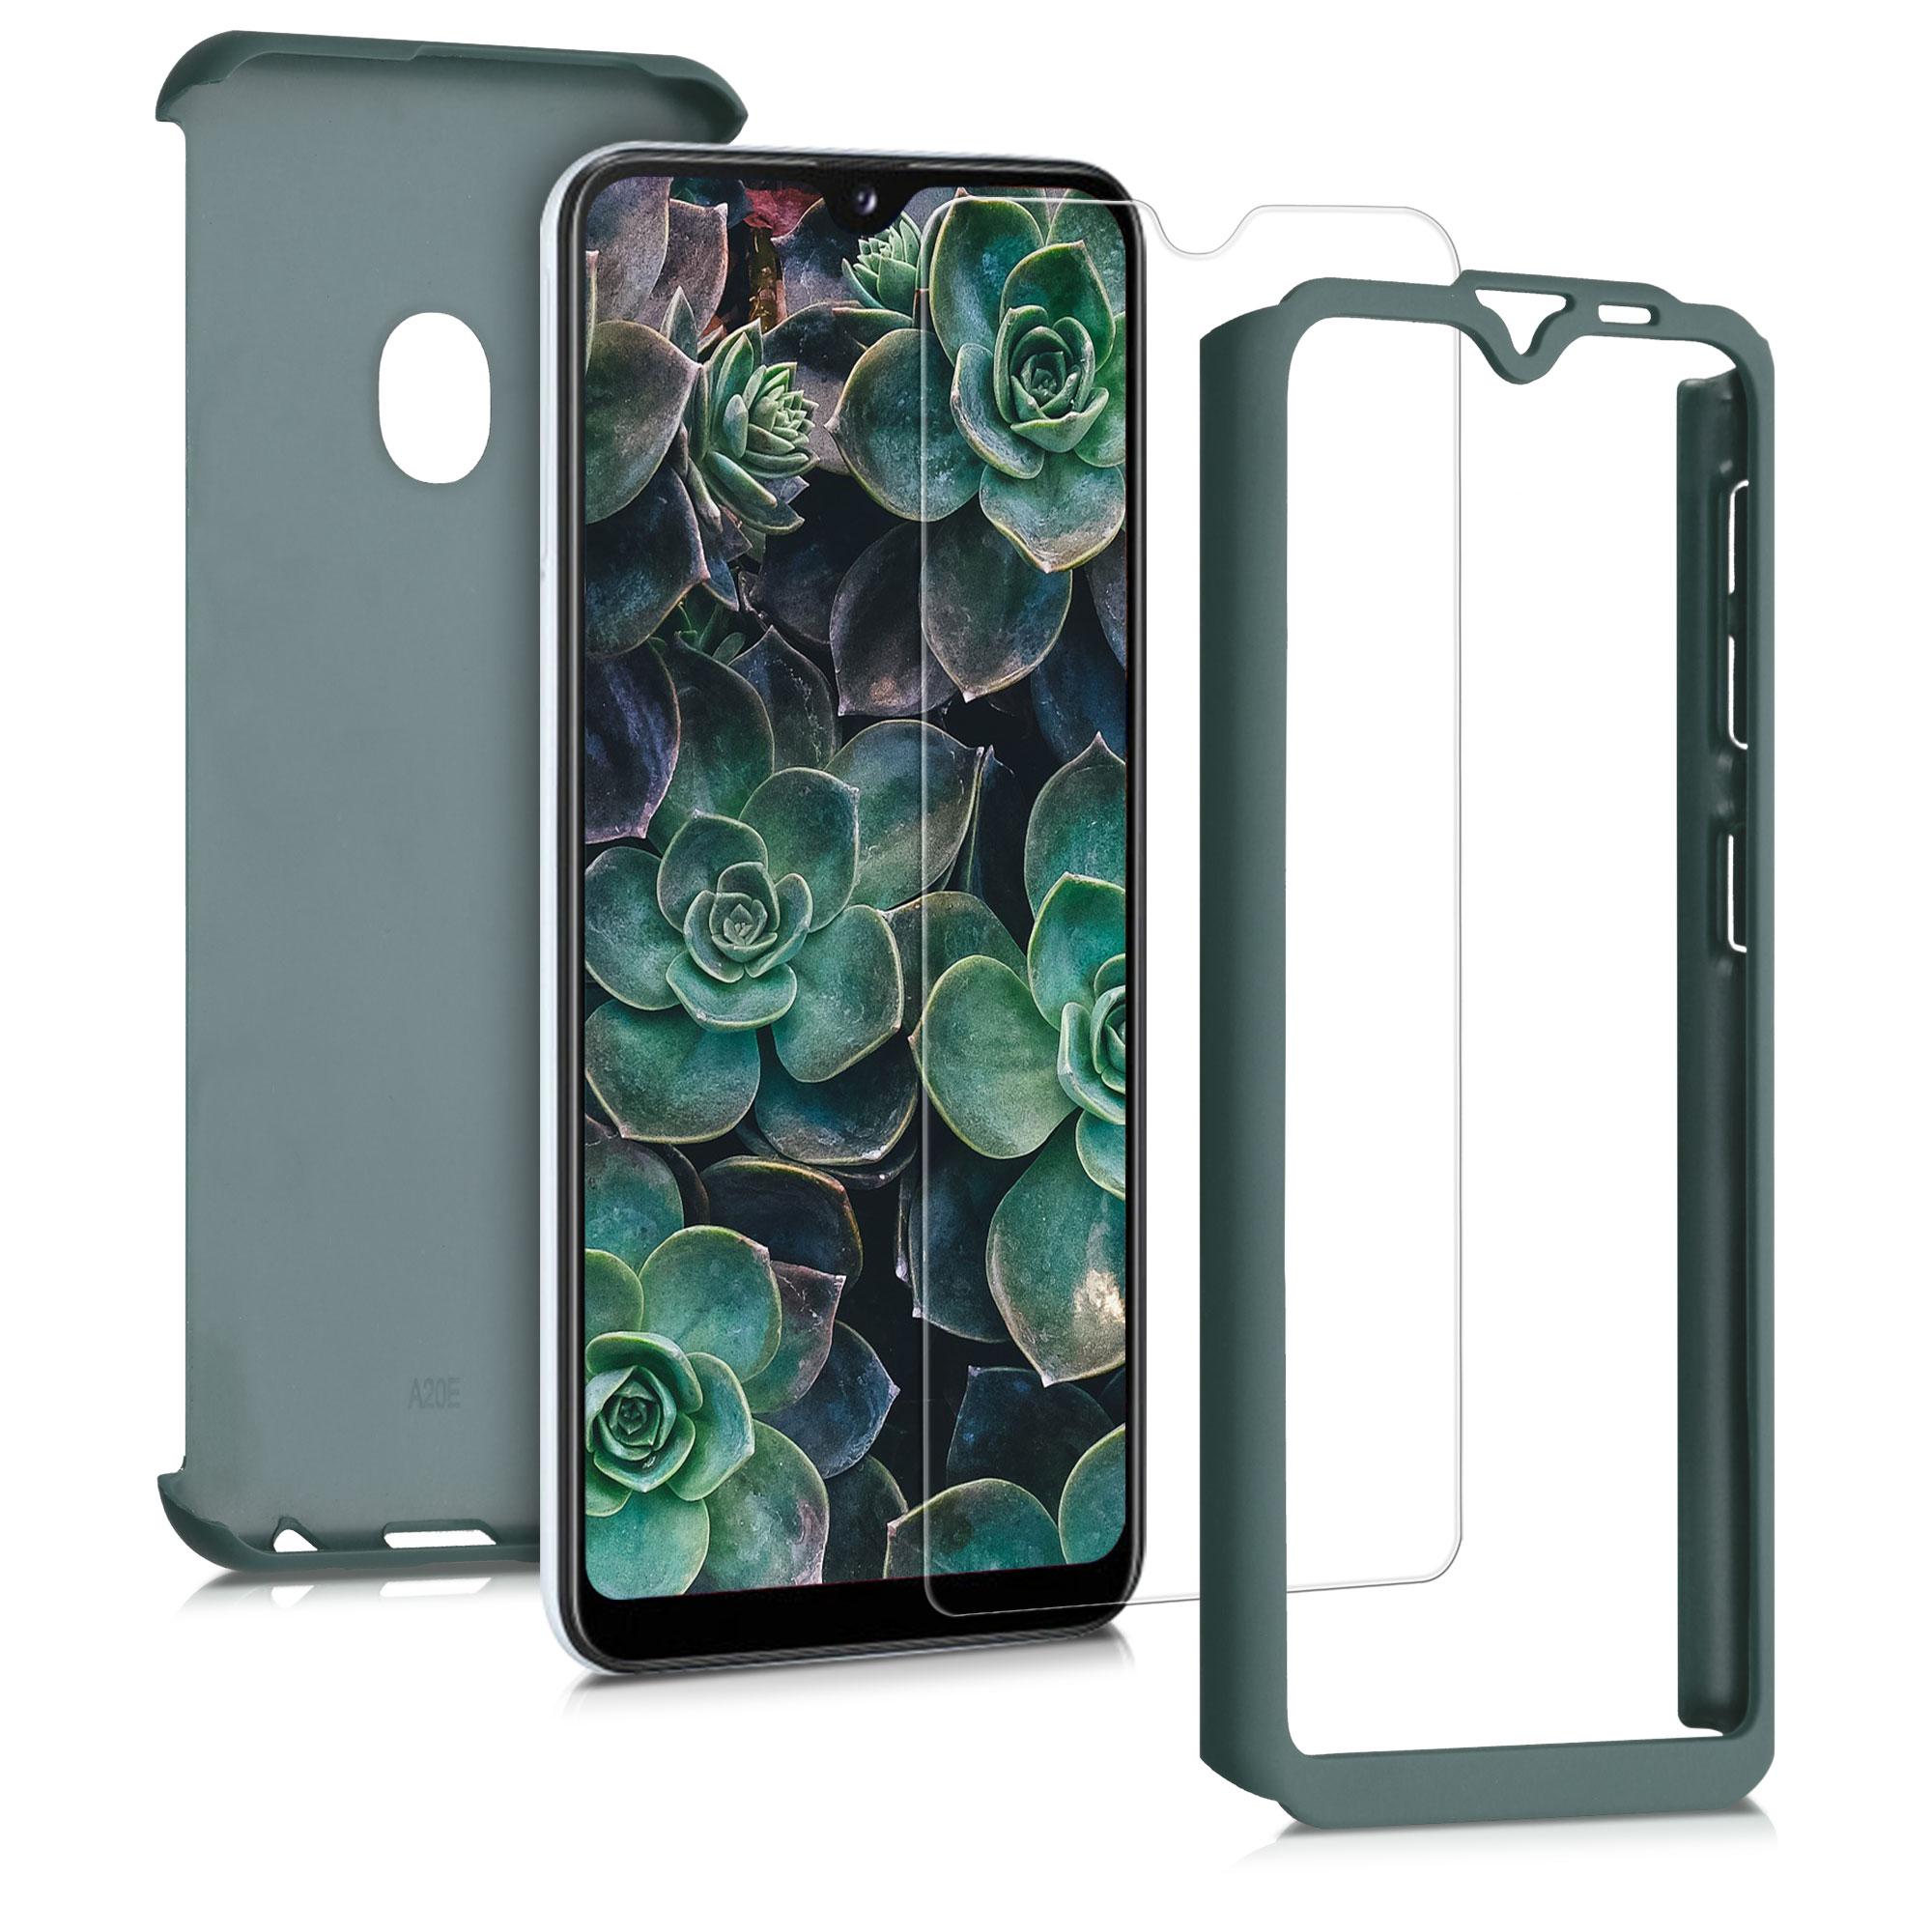 Kvalitní plastové pouzdro pro Samsung A20e - Tmavé Metallic Green